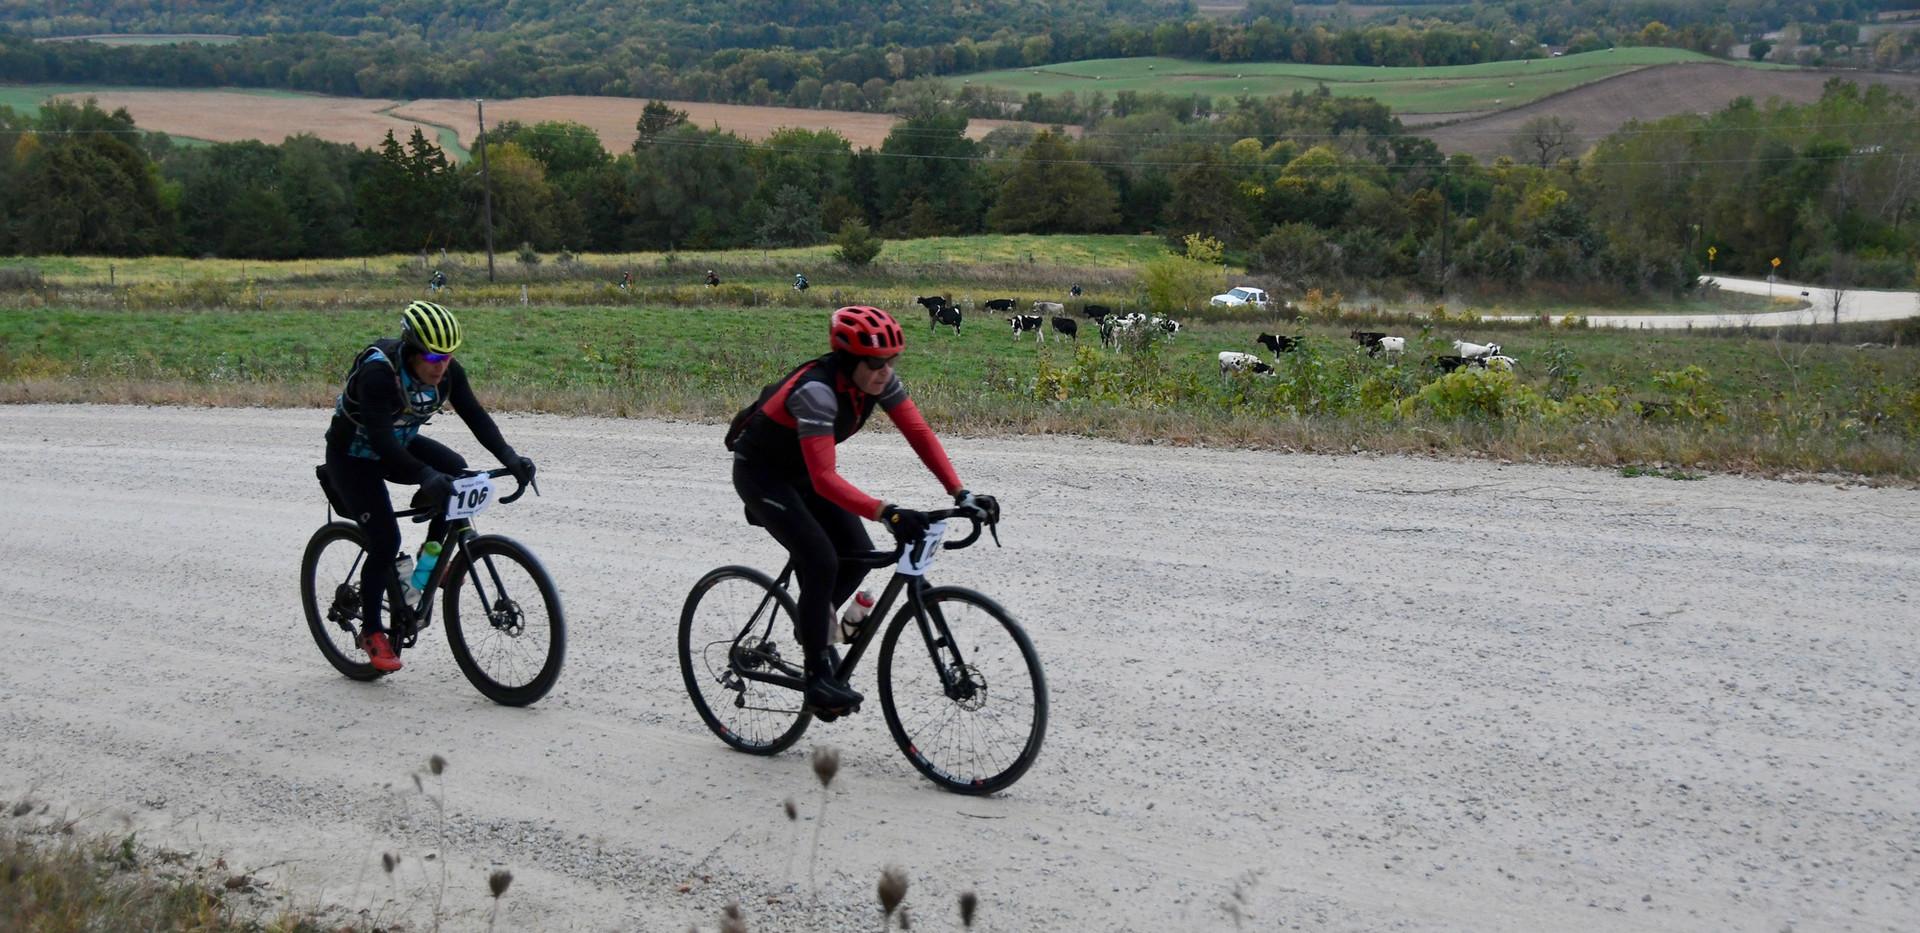 2 bikers.jpg